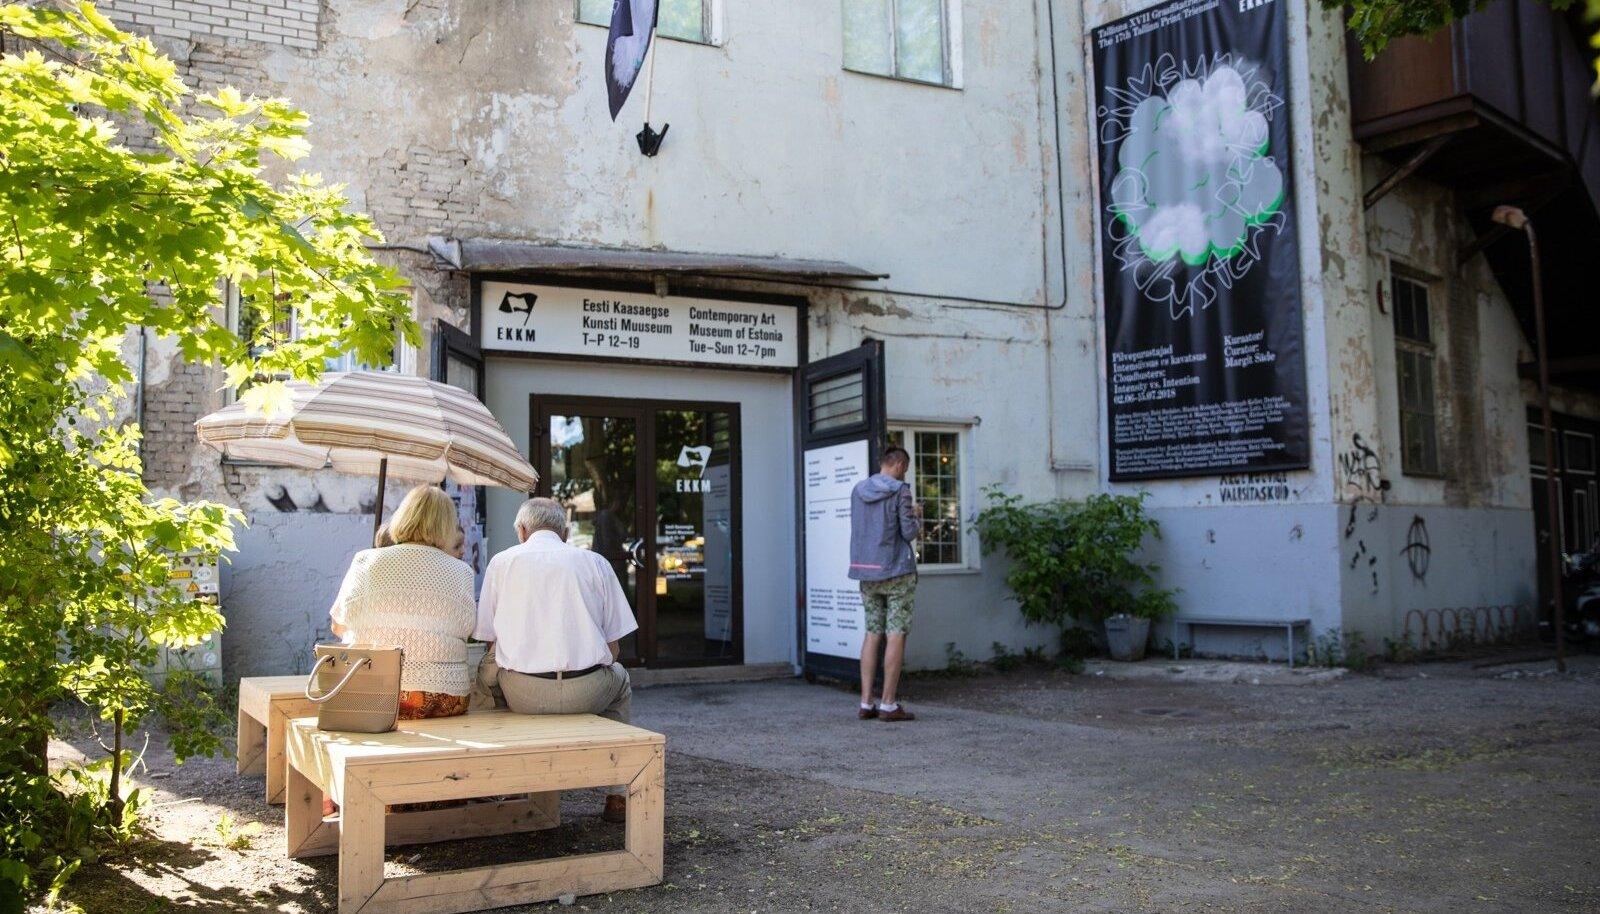 Eesti Kaasaegse Kunsti Muuseum peatab näitusetegevuse